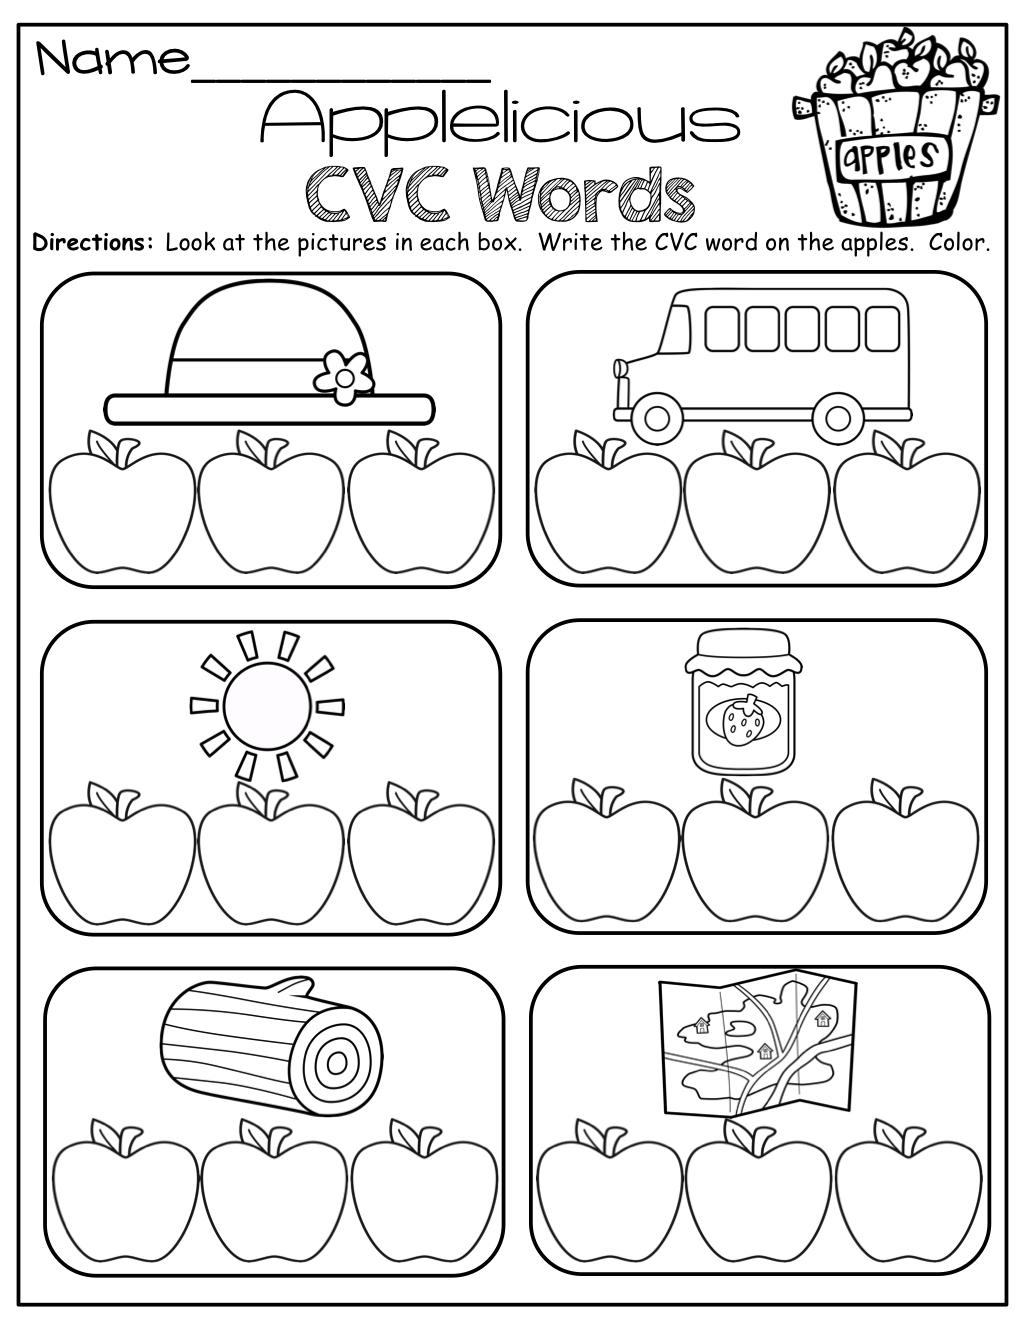 Make A Cvc Word Sound By Sound Language Arts Kindergarten